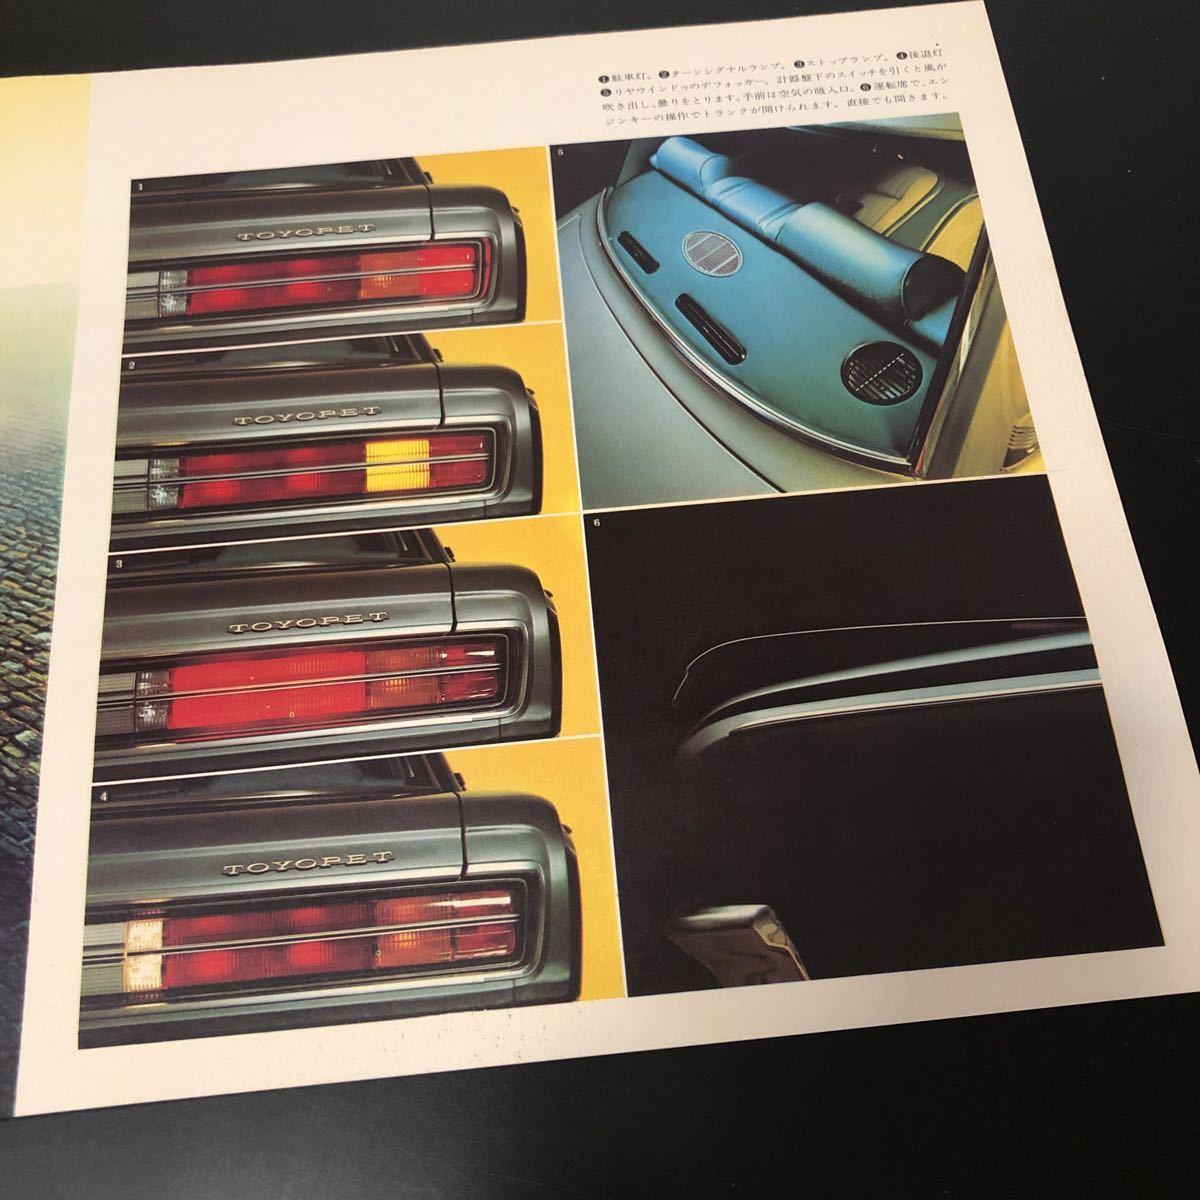 ★希少!当時物!自動車カタログ トヨタ/クラウンスーパーデラックス 旧車カタログ 16頁★_画像3